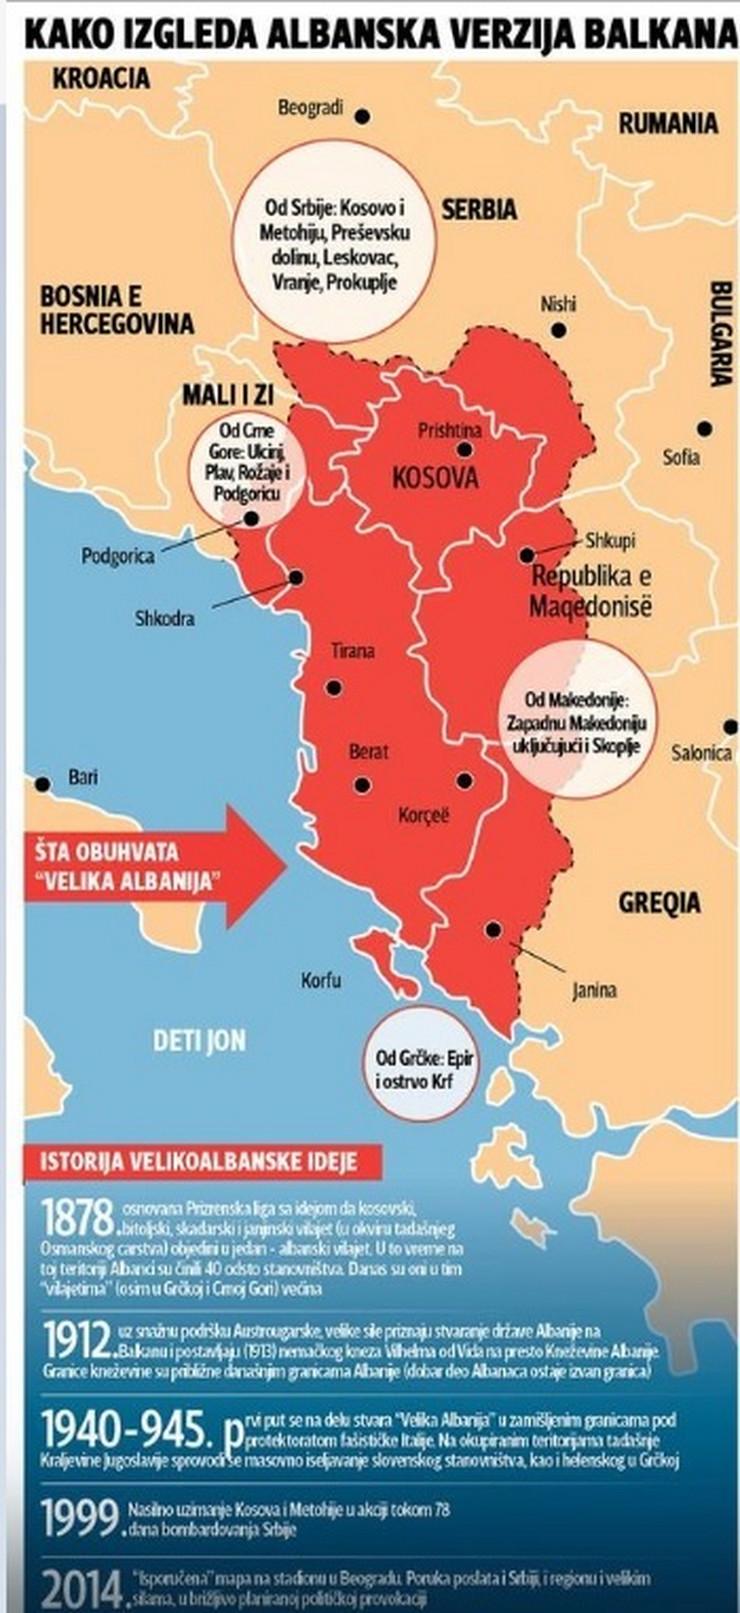 Velika Albanija grafika